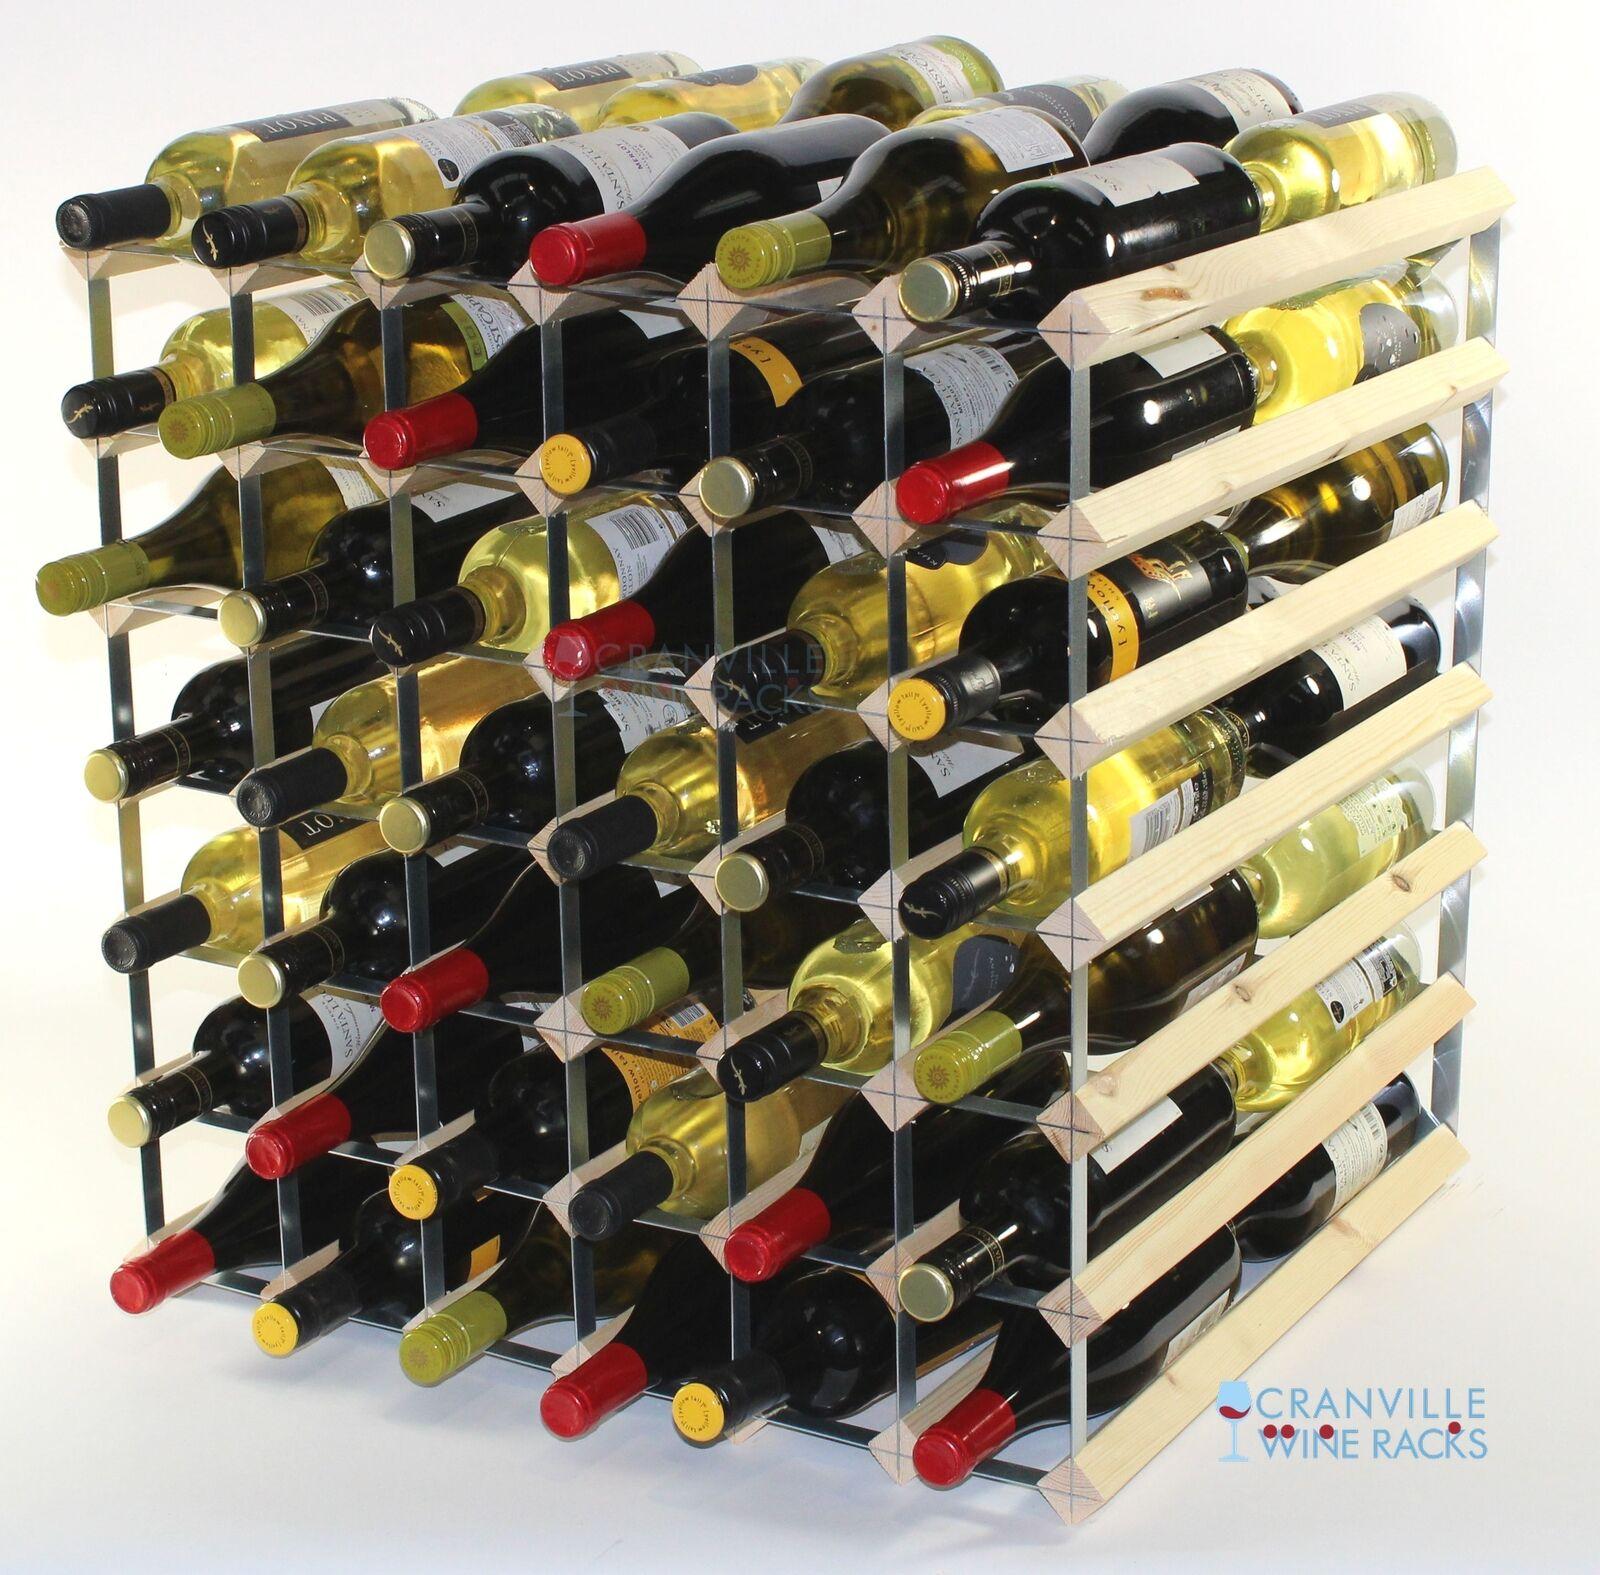 Doppel Tiefe 84 Flasche Kiefer Holz und Metall Weinregal gebrauchsfertig